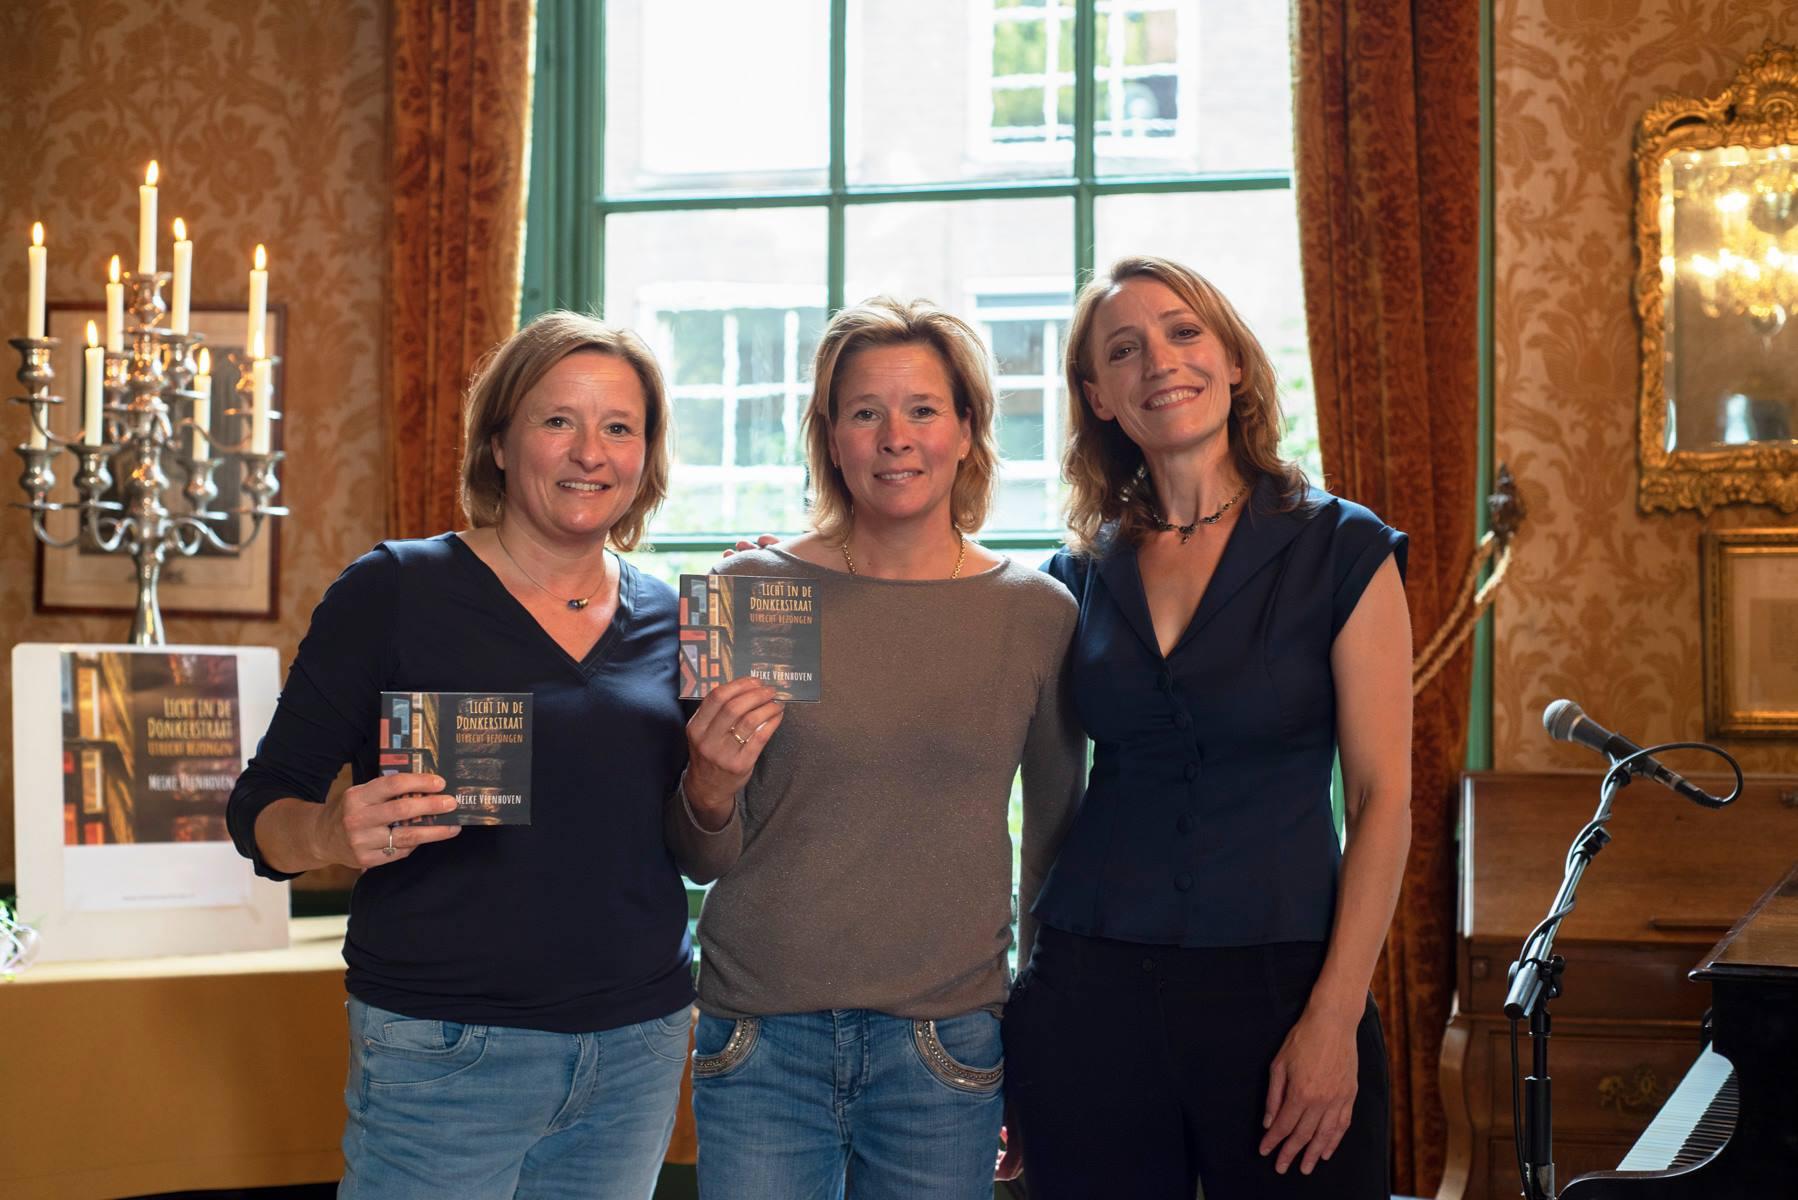 Met Mandy en Manon Snel van Kaarsen van Torens, bij de uitreiking van de eerste cd's. Foto: Claudia Otten